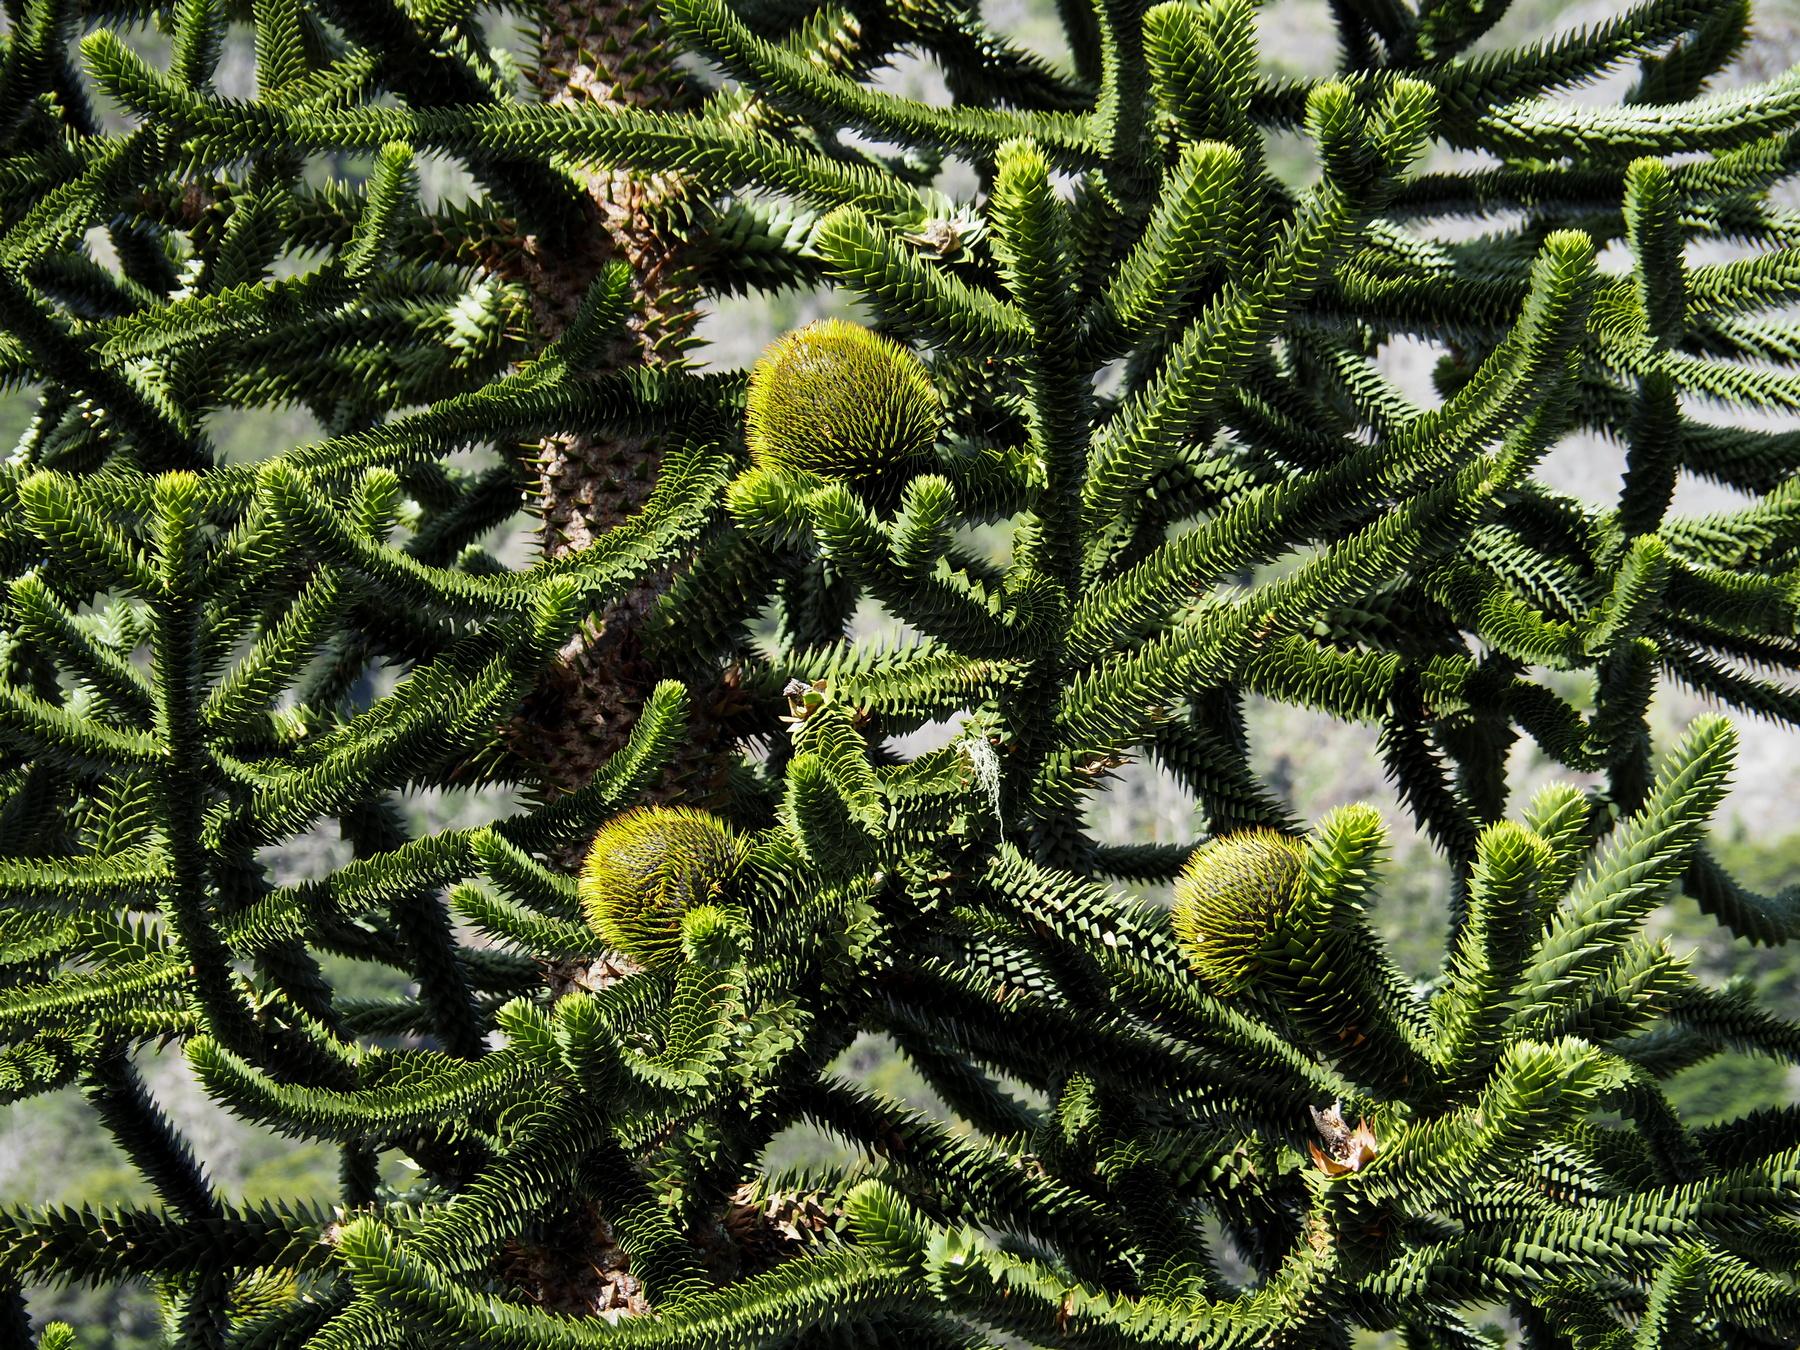 Die Araucarie ist fast der perfekte Weihnachtsbaum, denn sie produziert selbst Christbaumkugeln